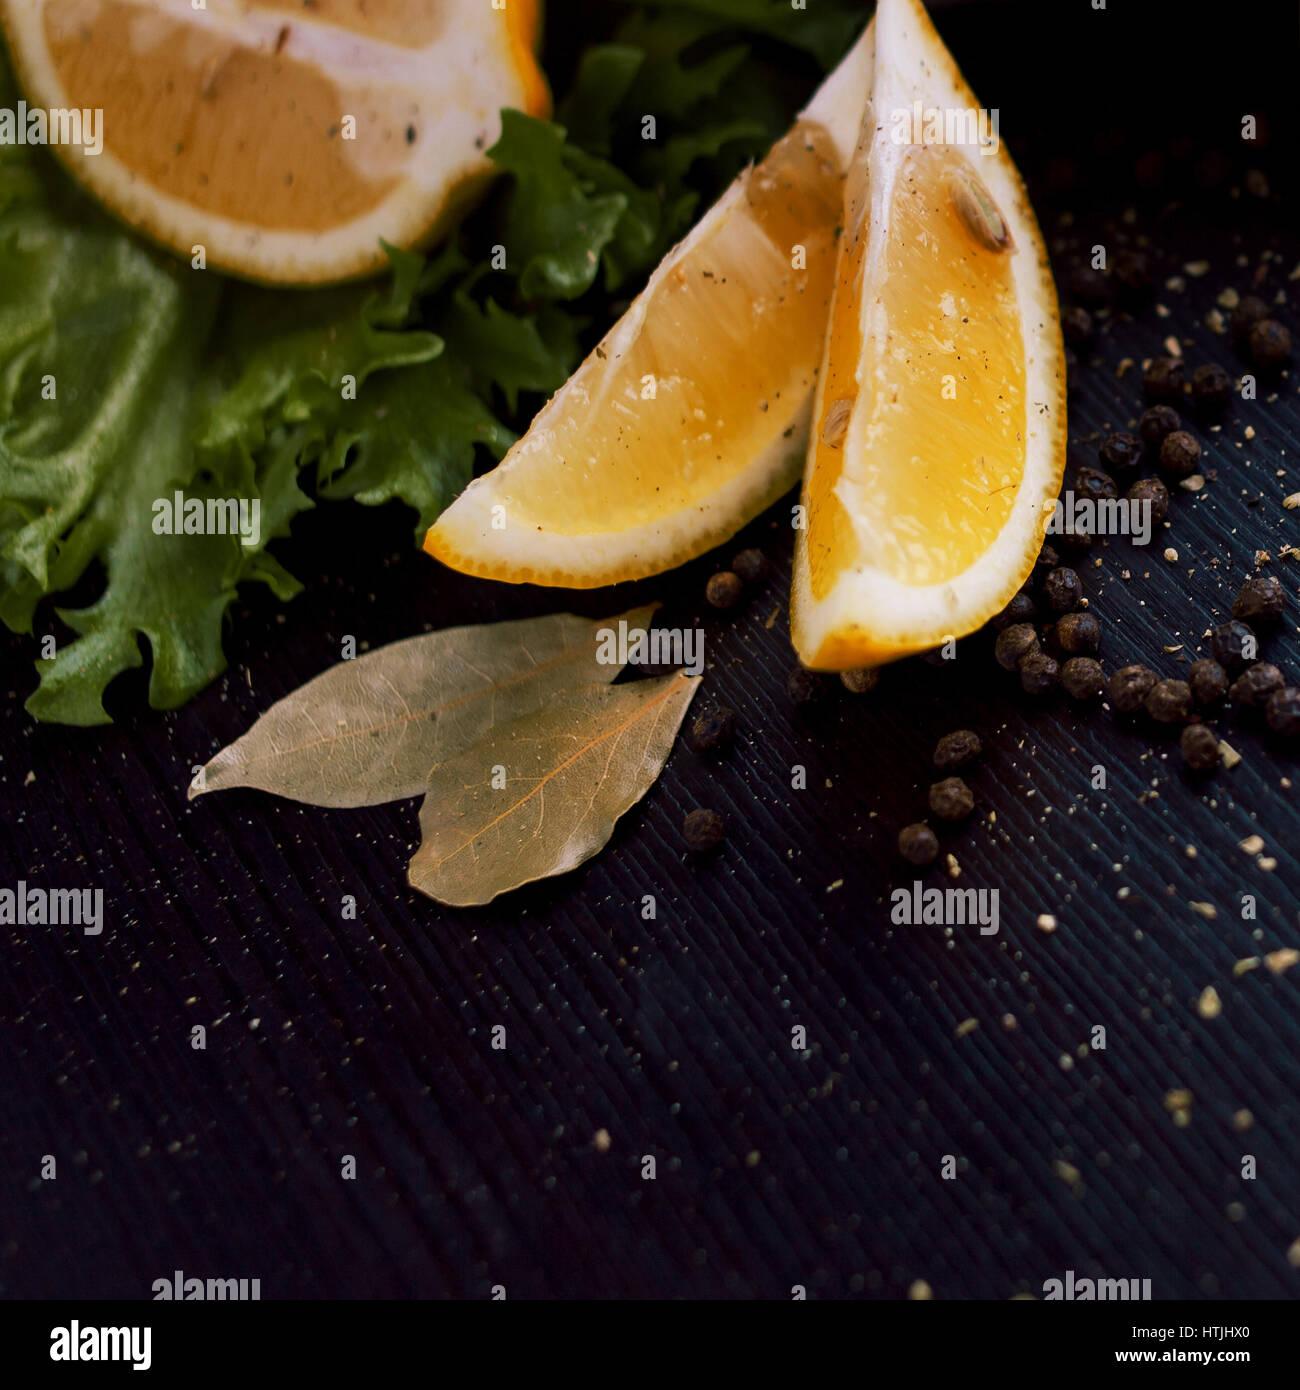 Arrière-plan de l'alimentation noire avec des tranches de citron, des herbes aromatiques et épices, Photo Stock